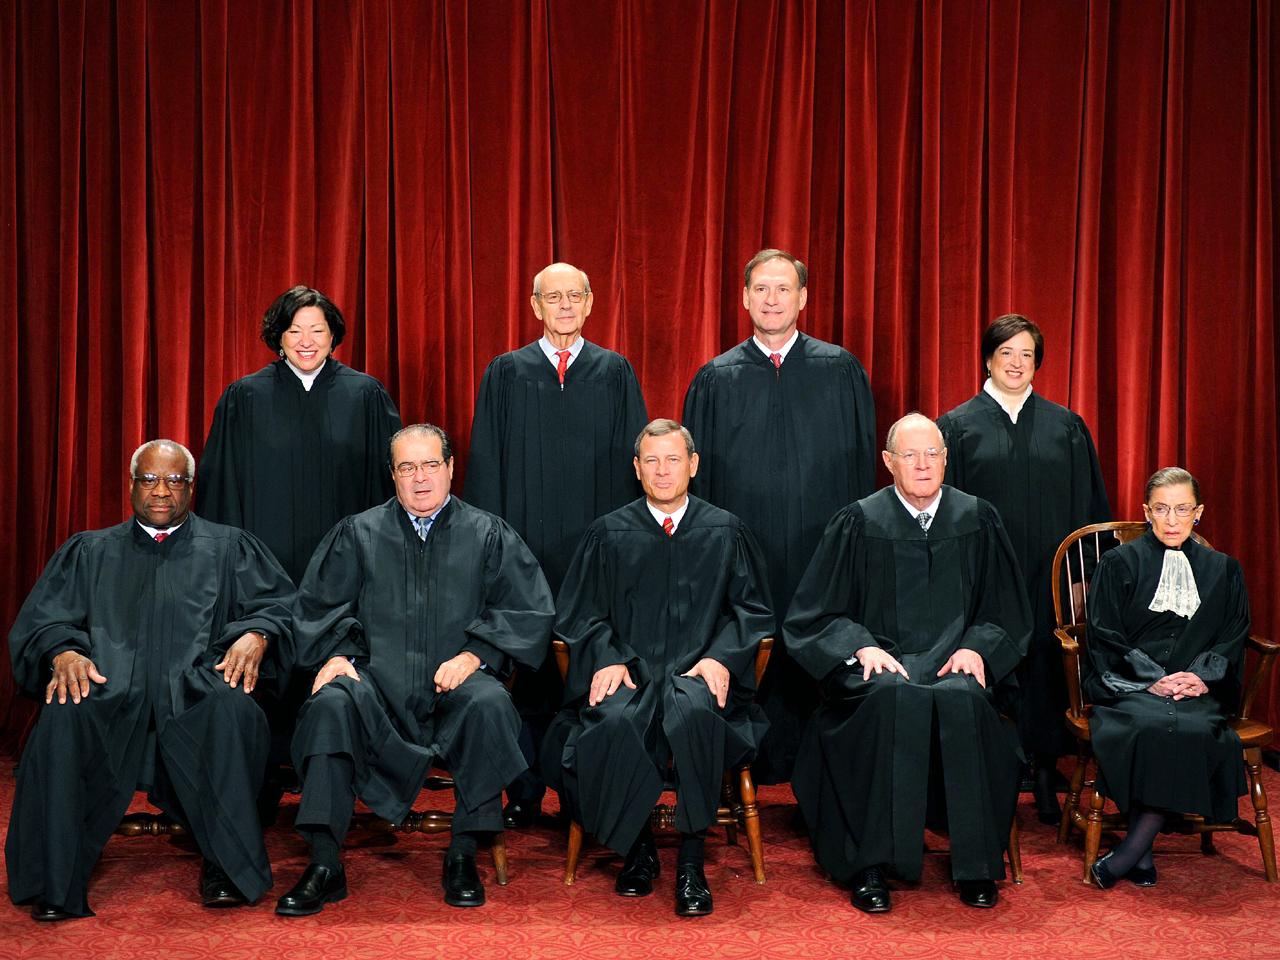 Branch judicial marriage sex foto 131